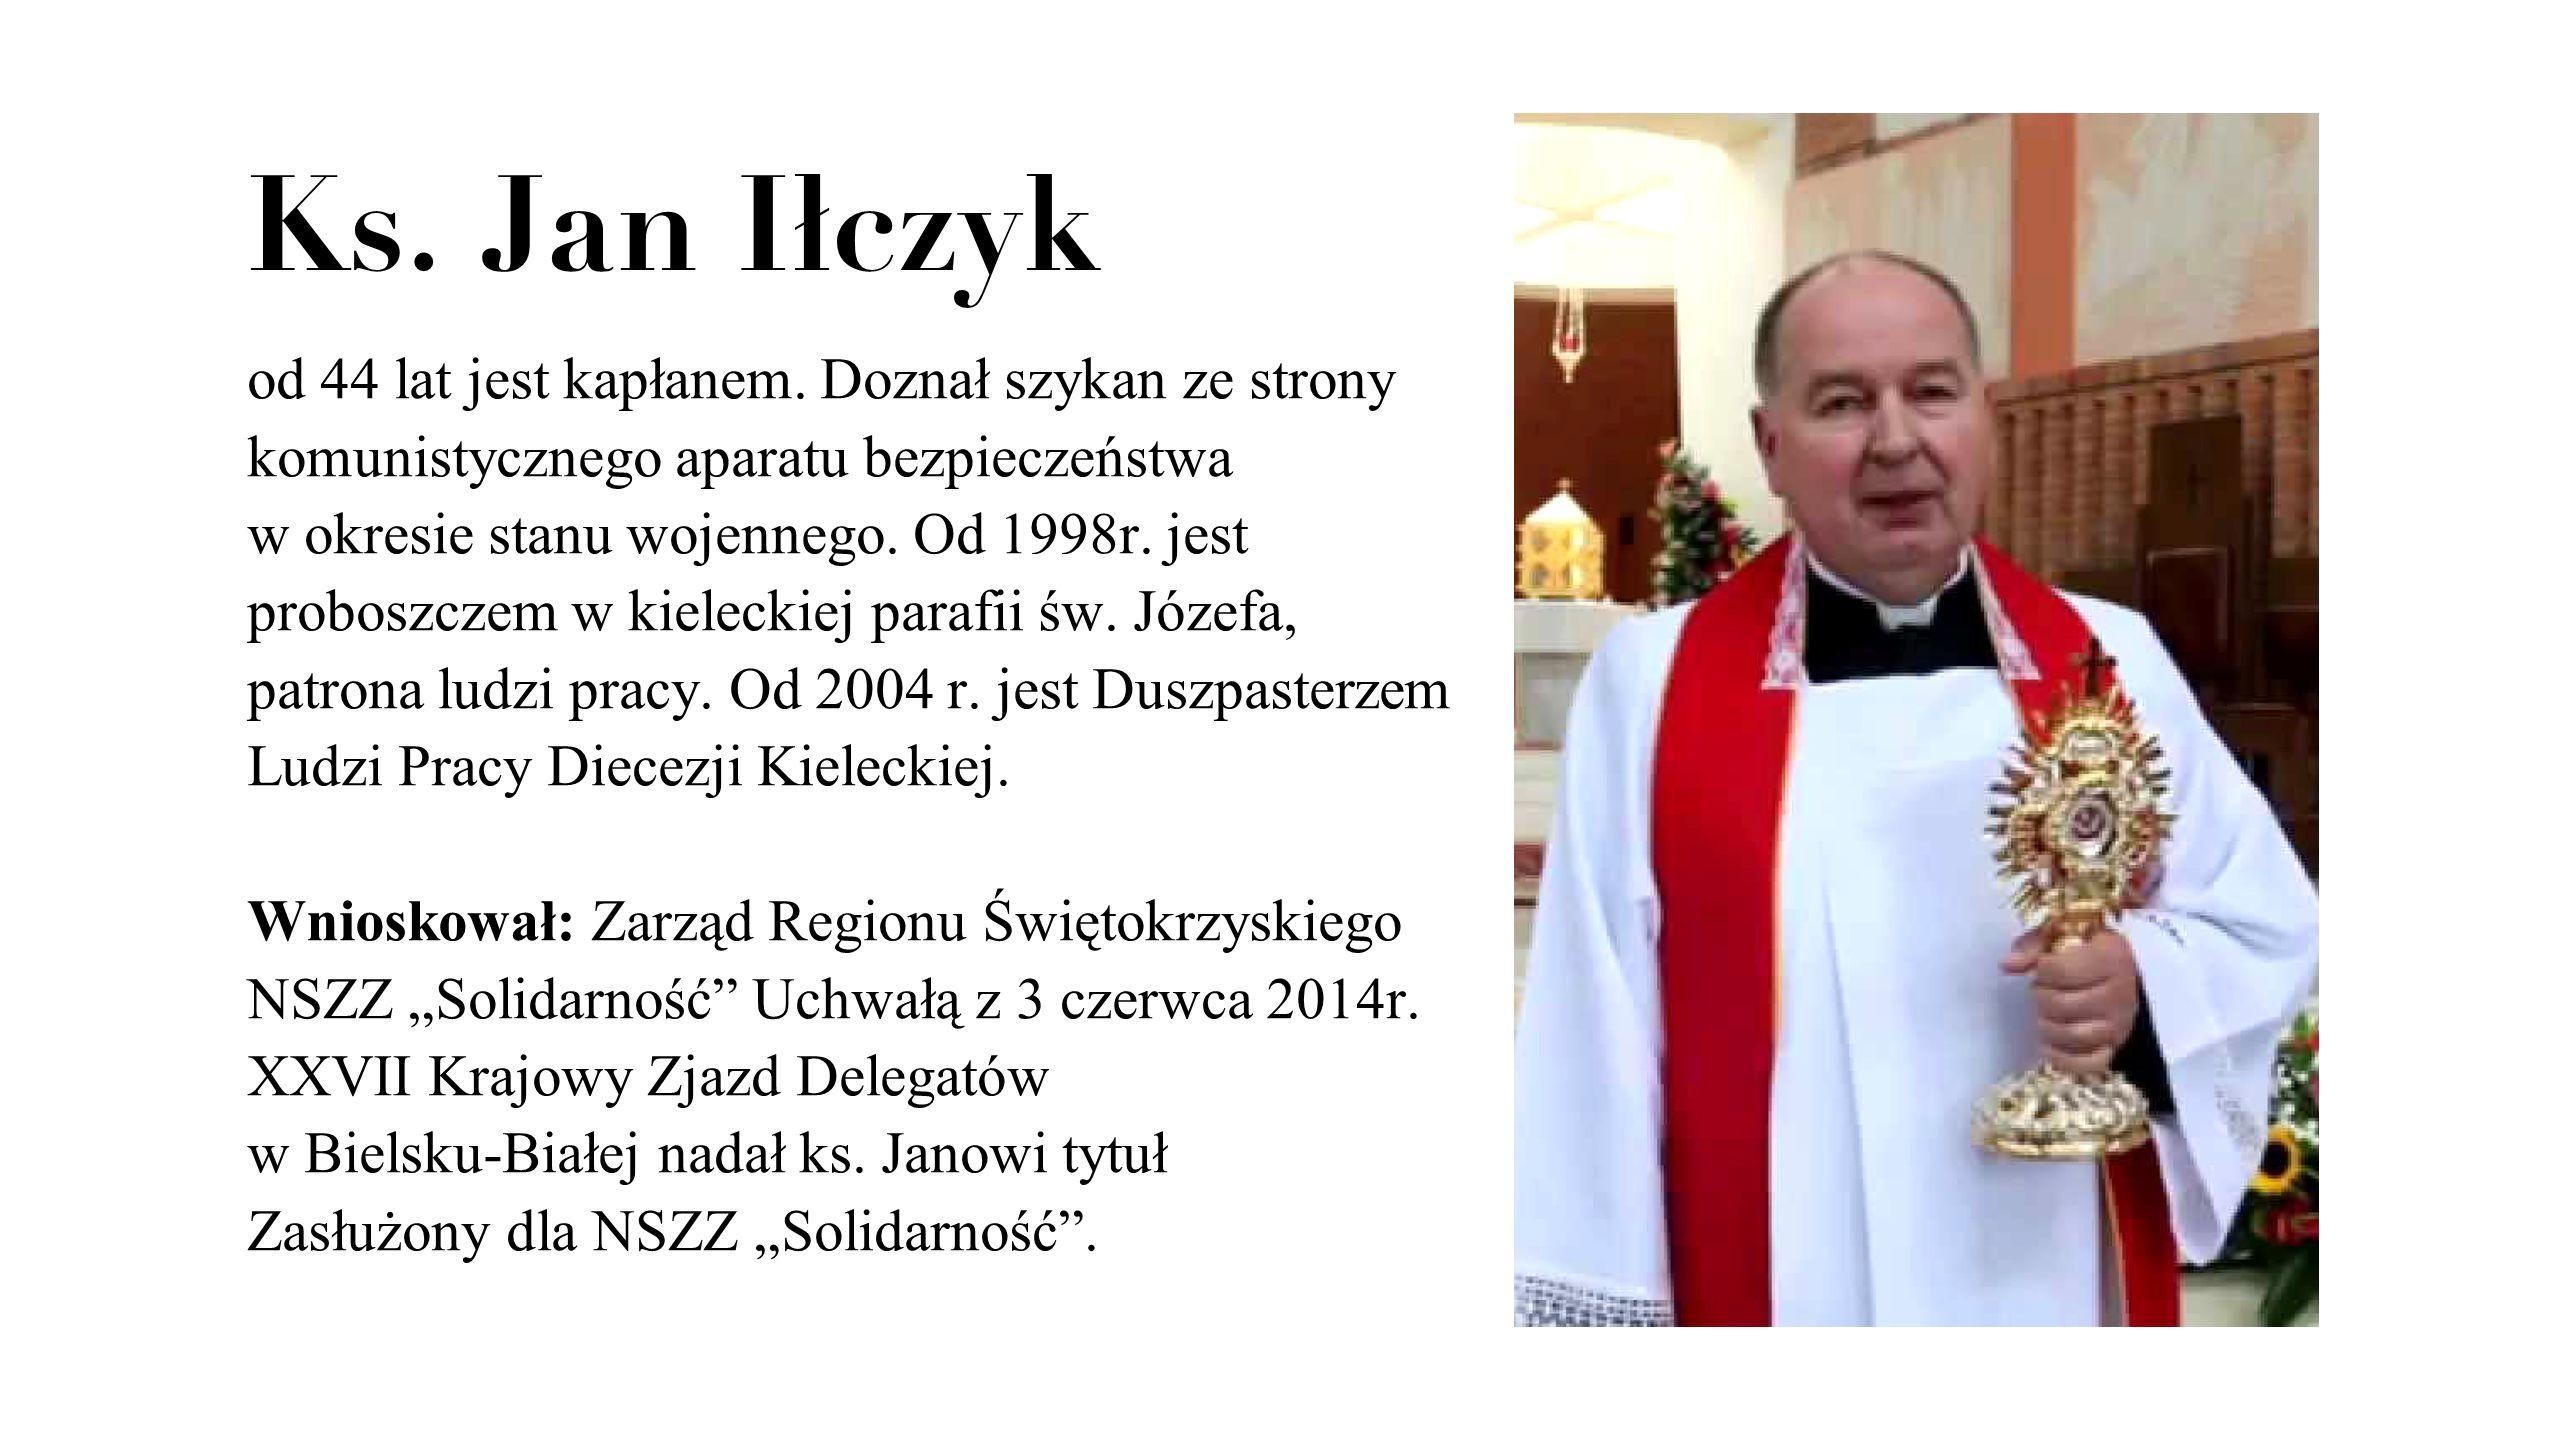 Ks. Jan Iłczyk od 44 lat jest kapłanem. Doznał szykan ze strony komunistycznego aparatu bezpieczeństwa w okresie stanu wojennego. Od 1998r. jest probo